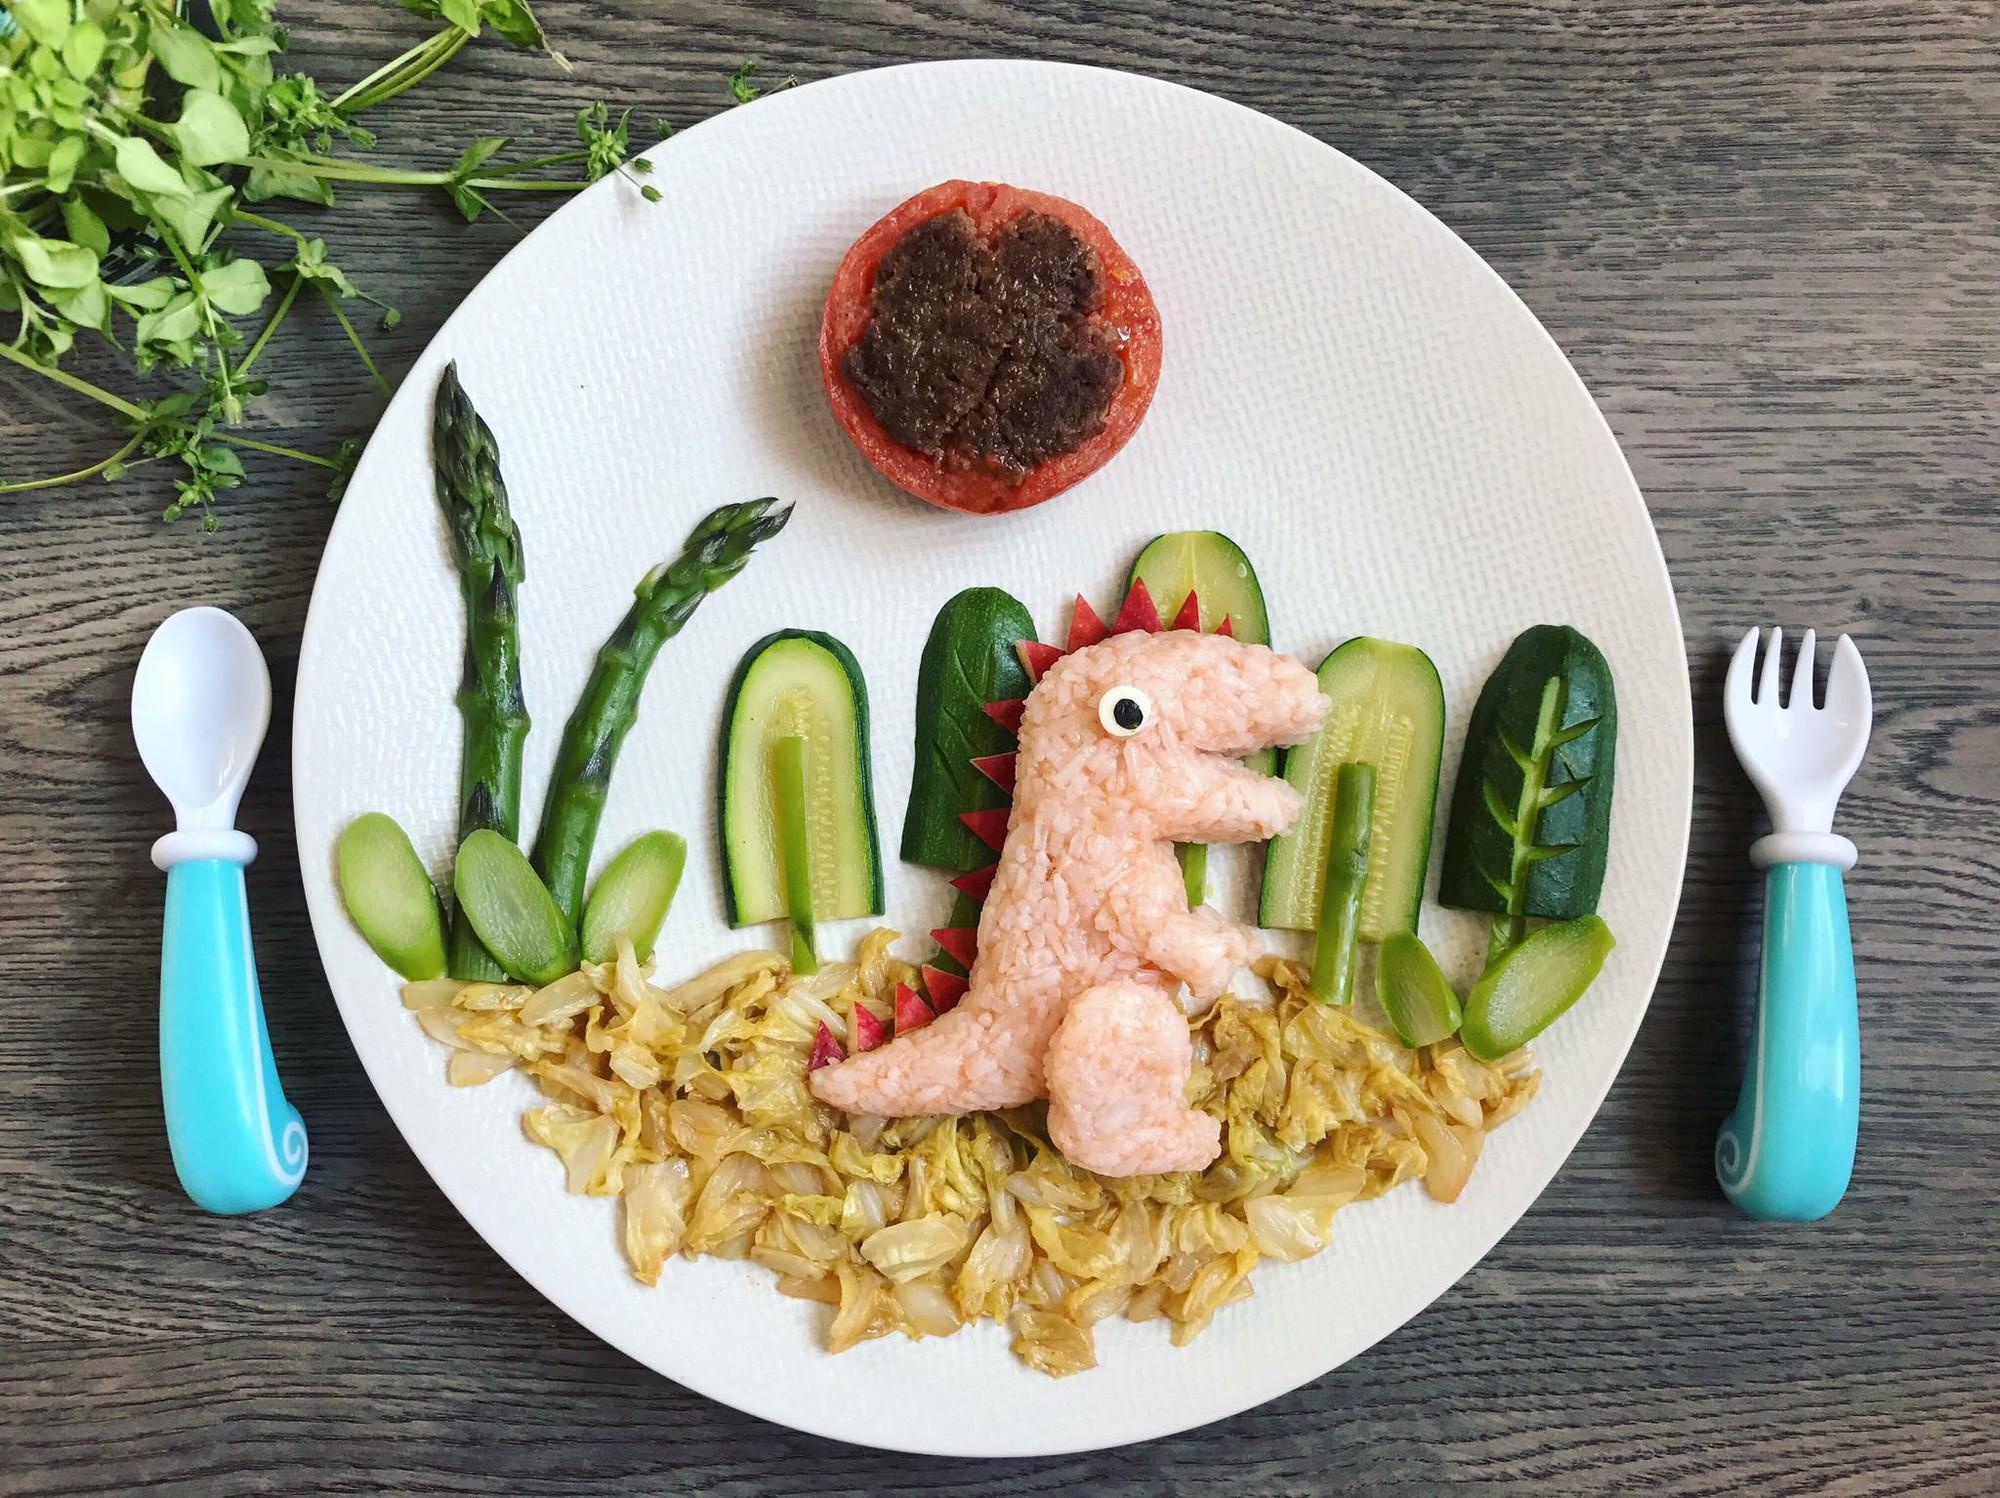 Chùm ảnh: Bà mẹ trẻ mỗi ngày vẽ một bức tranh bằng thức ăn cho con, không ngày nào bị lặp ý tưởng mới tài - Ảnh 24.